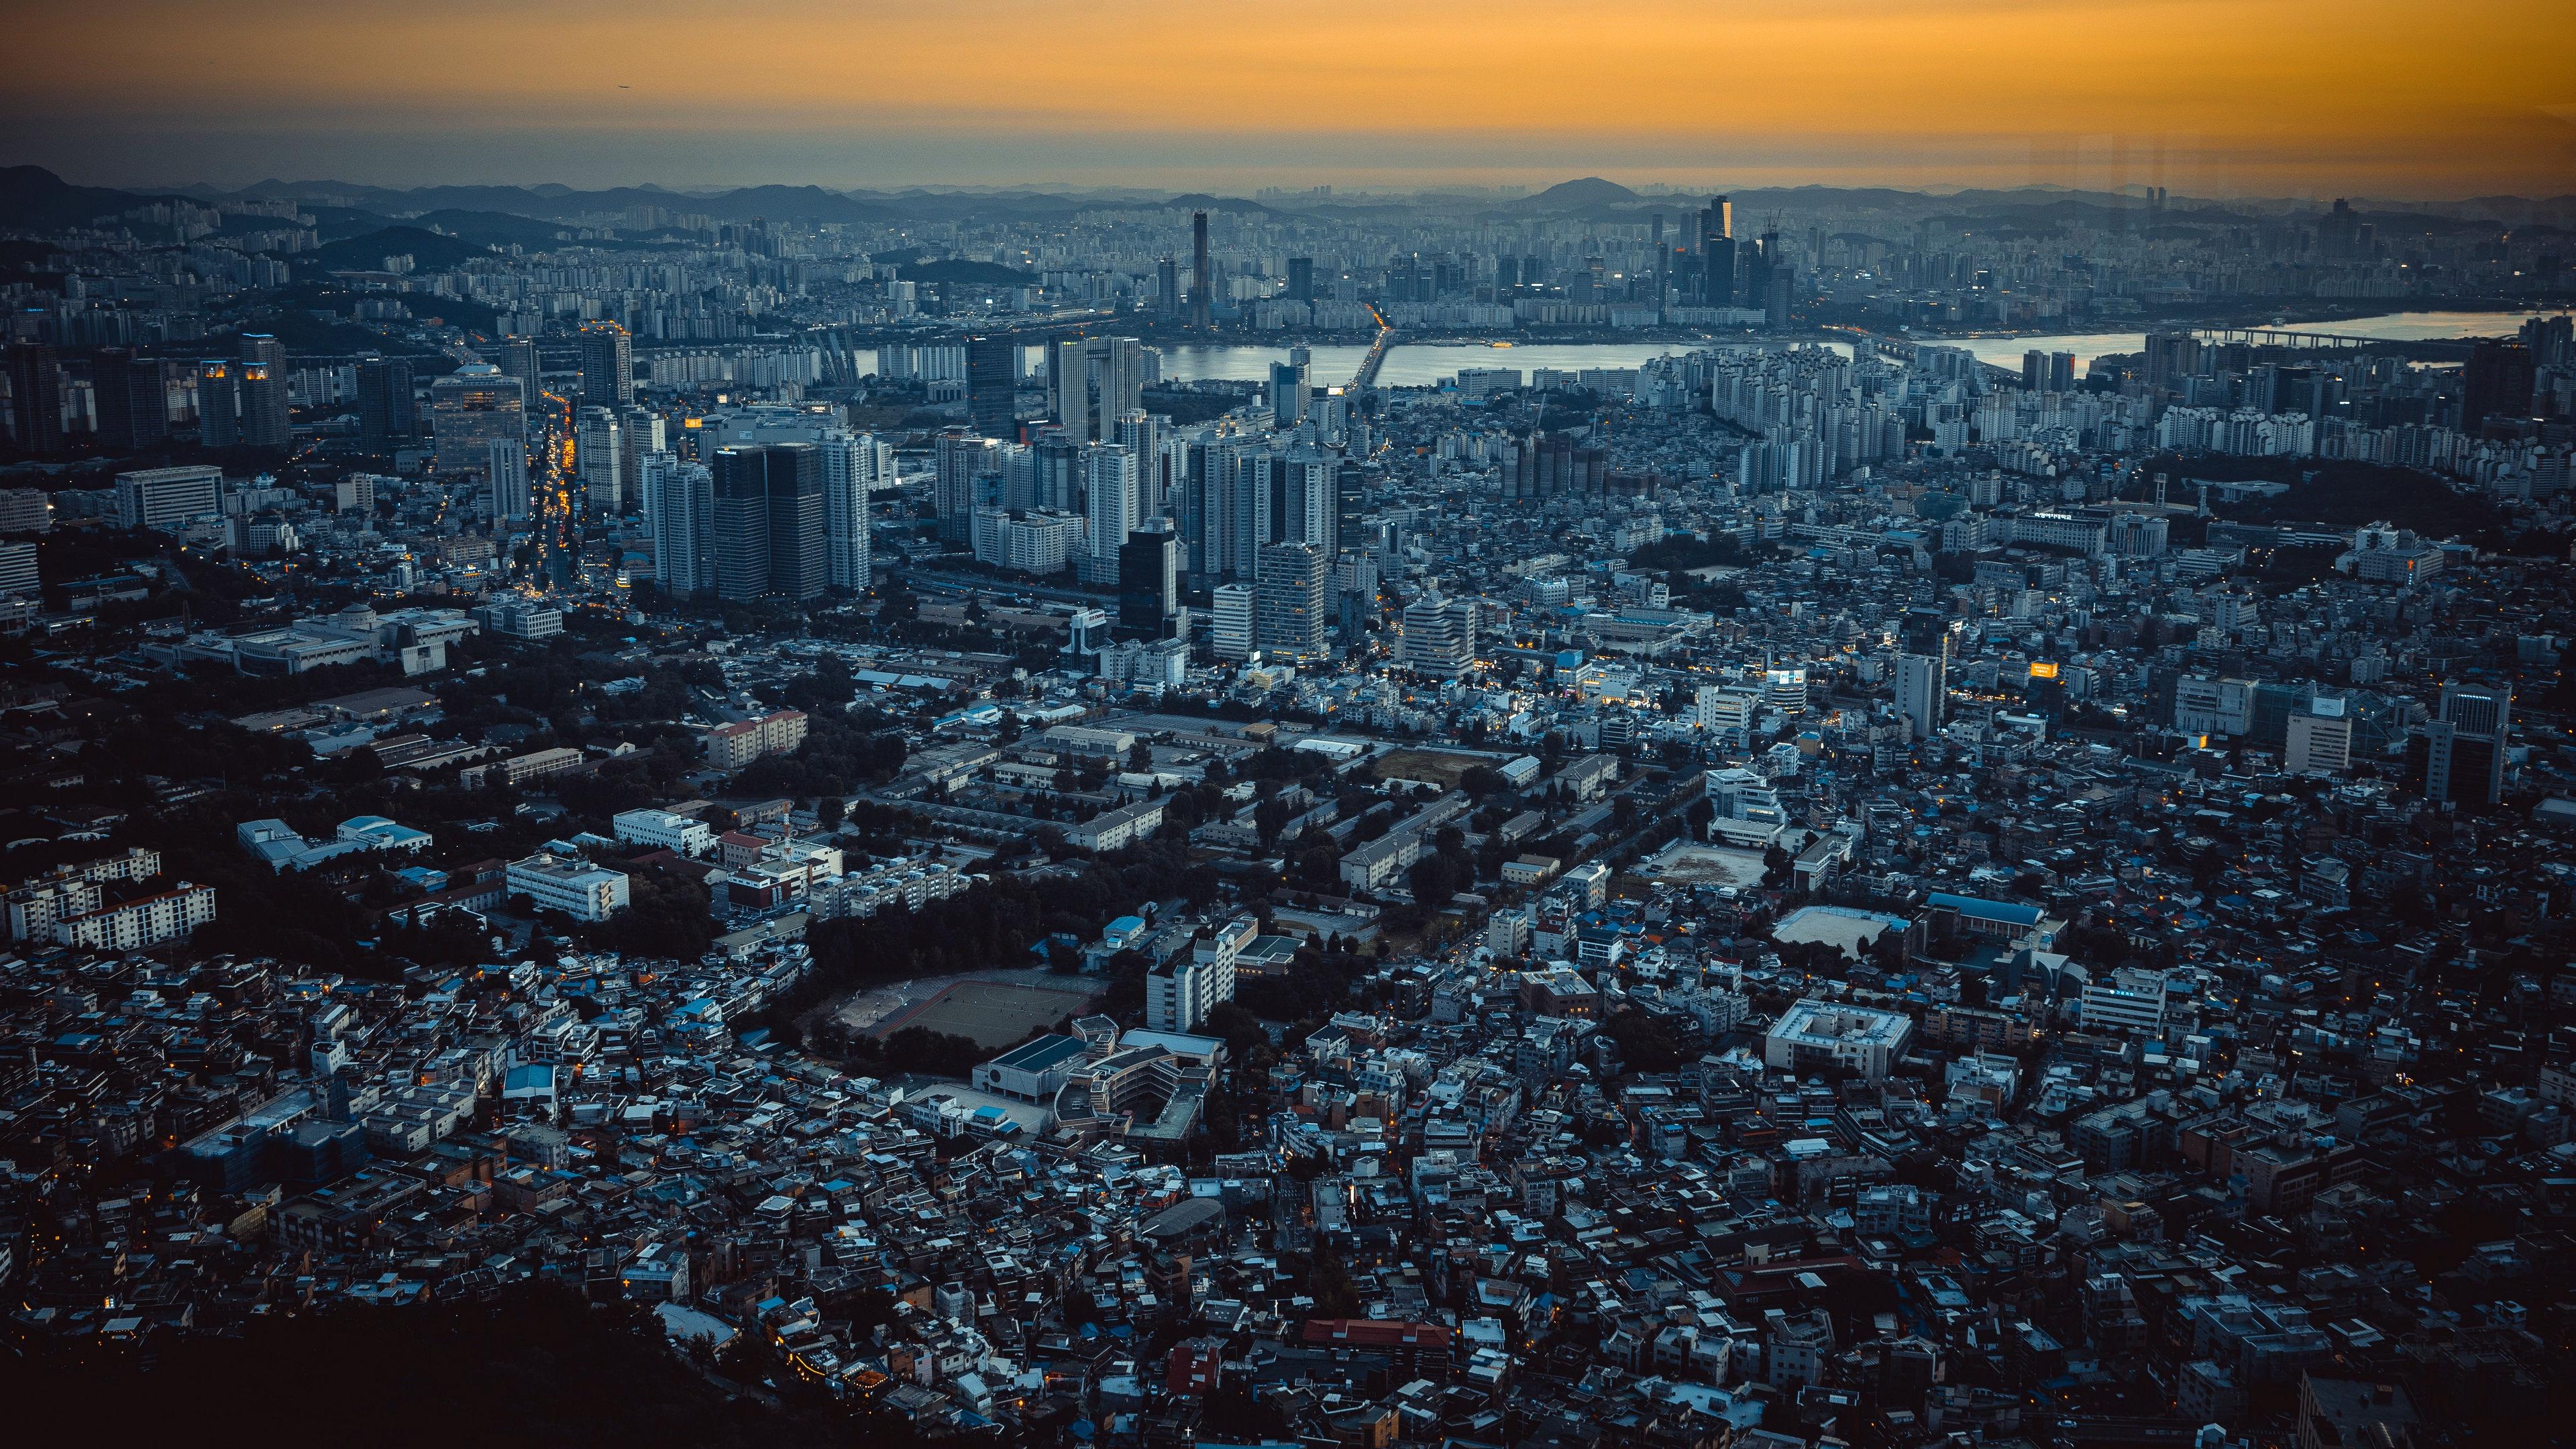 风景大片,城市夜景,航拍